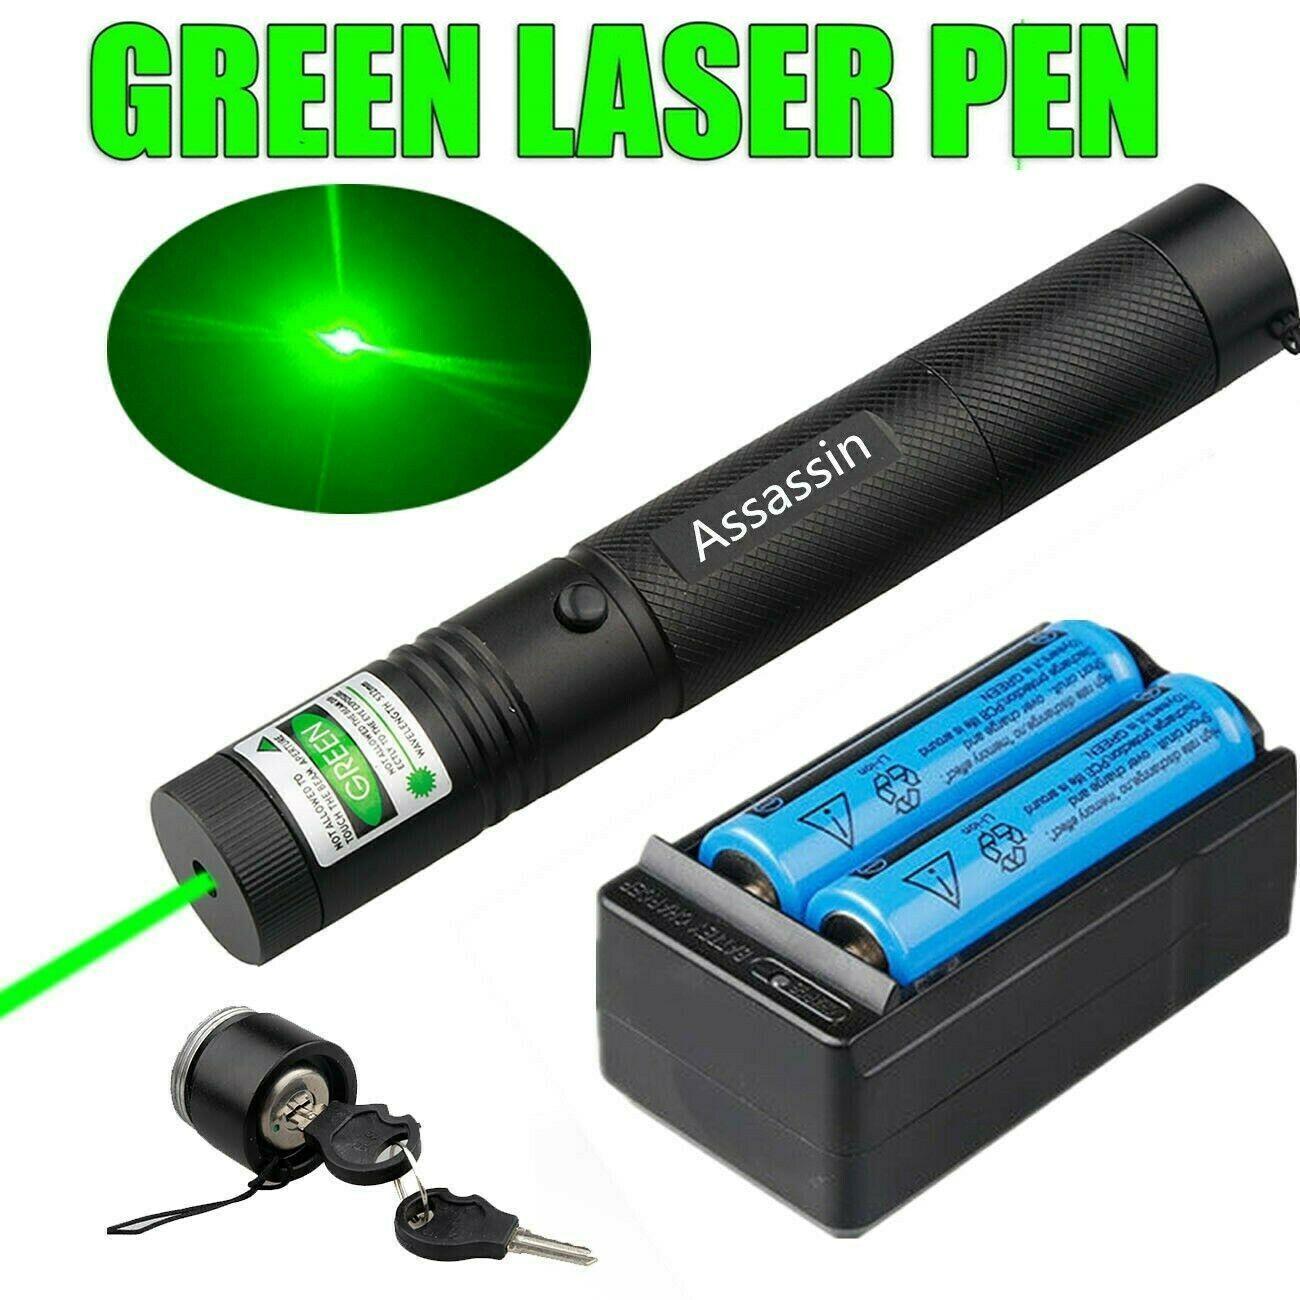 100miles Militärgrün-Laser-Zeiger-Feder-Super-Range-Astronomie-532nm leistungsfähige Katze-Spielzeug-justierbare Fokus 2 x 18650 Batterie + Ladegerät